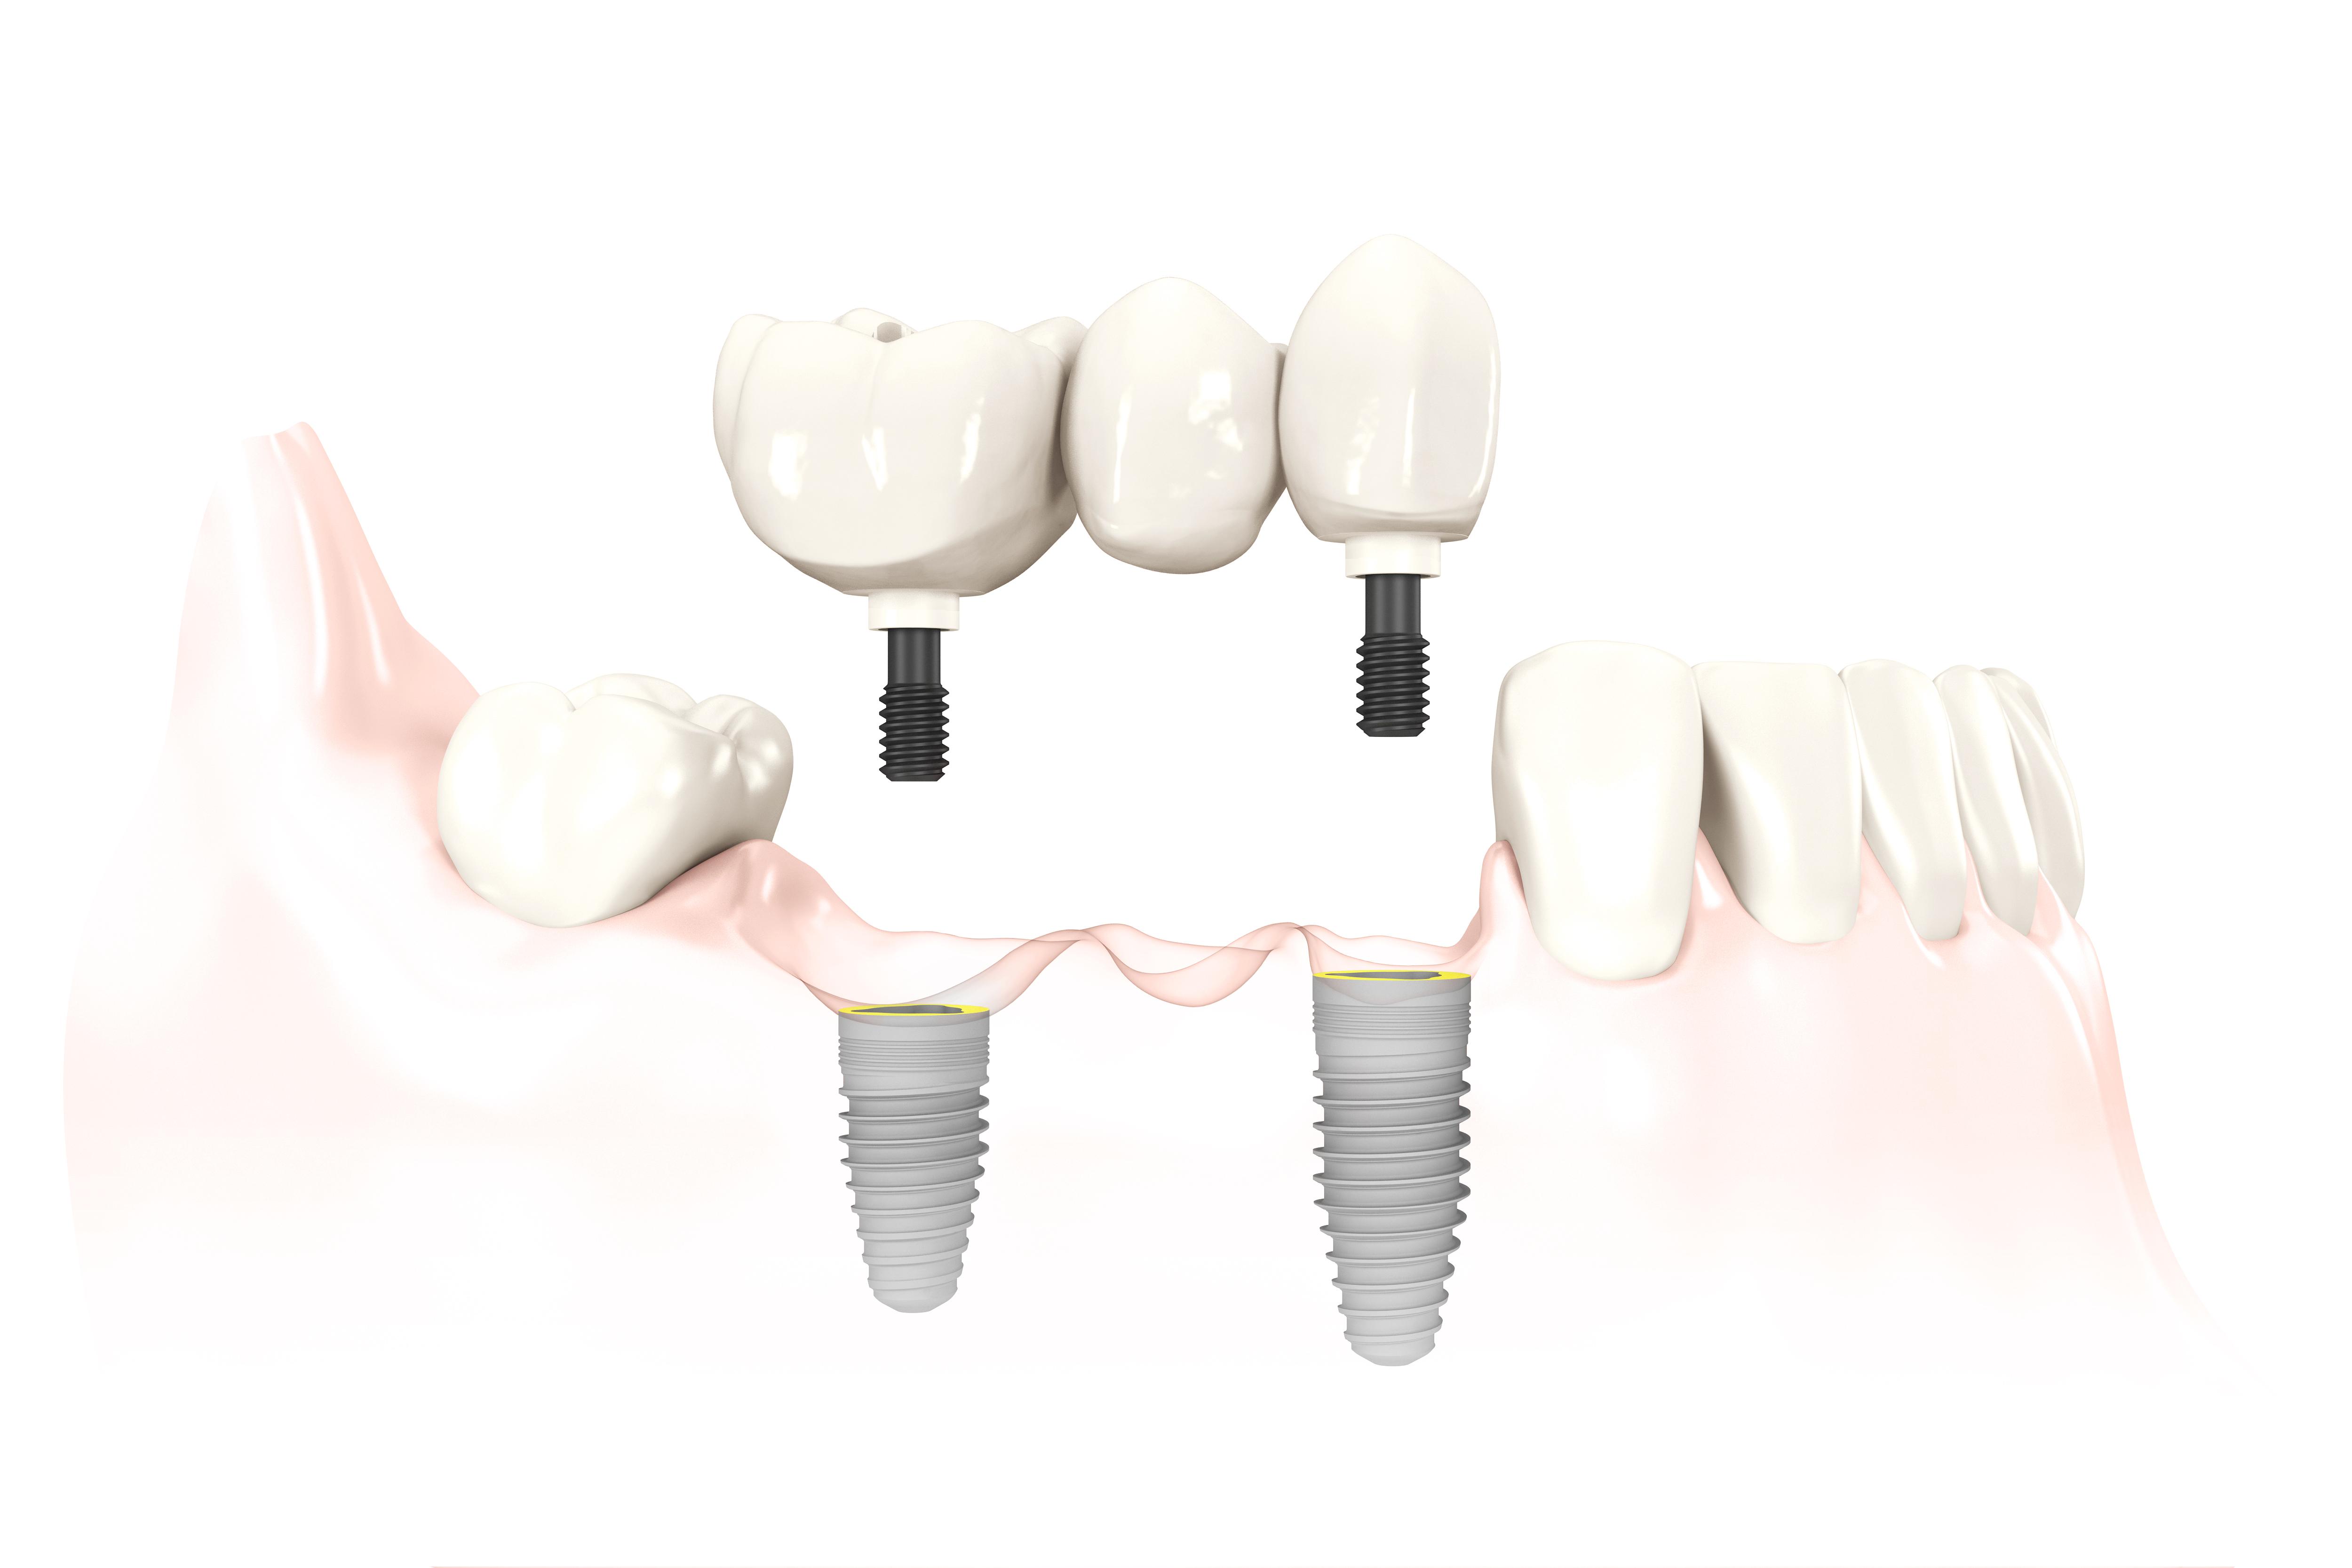 Odbudowa braku trzech zębów na implantach